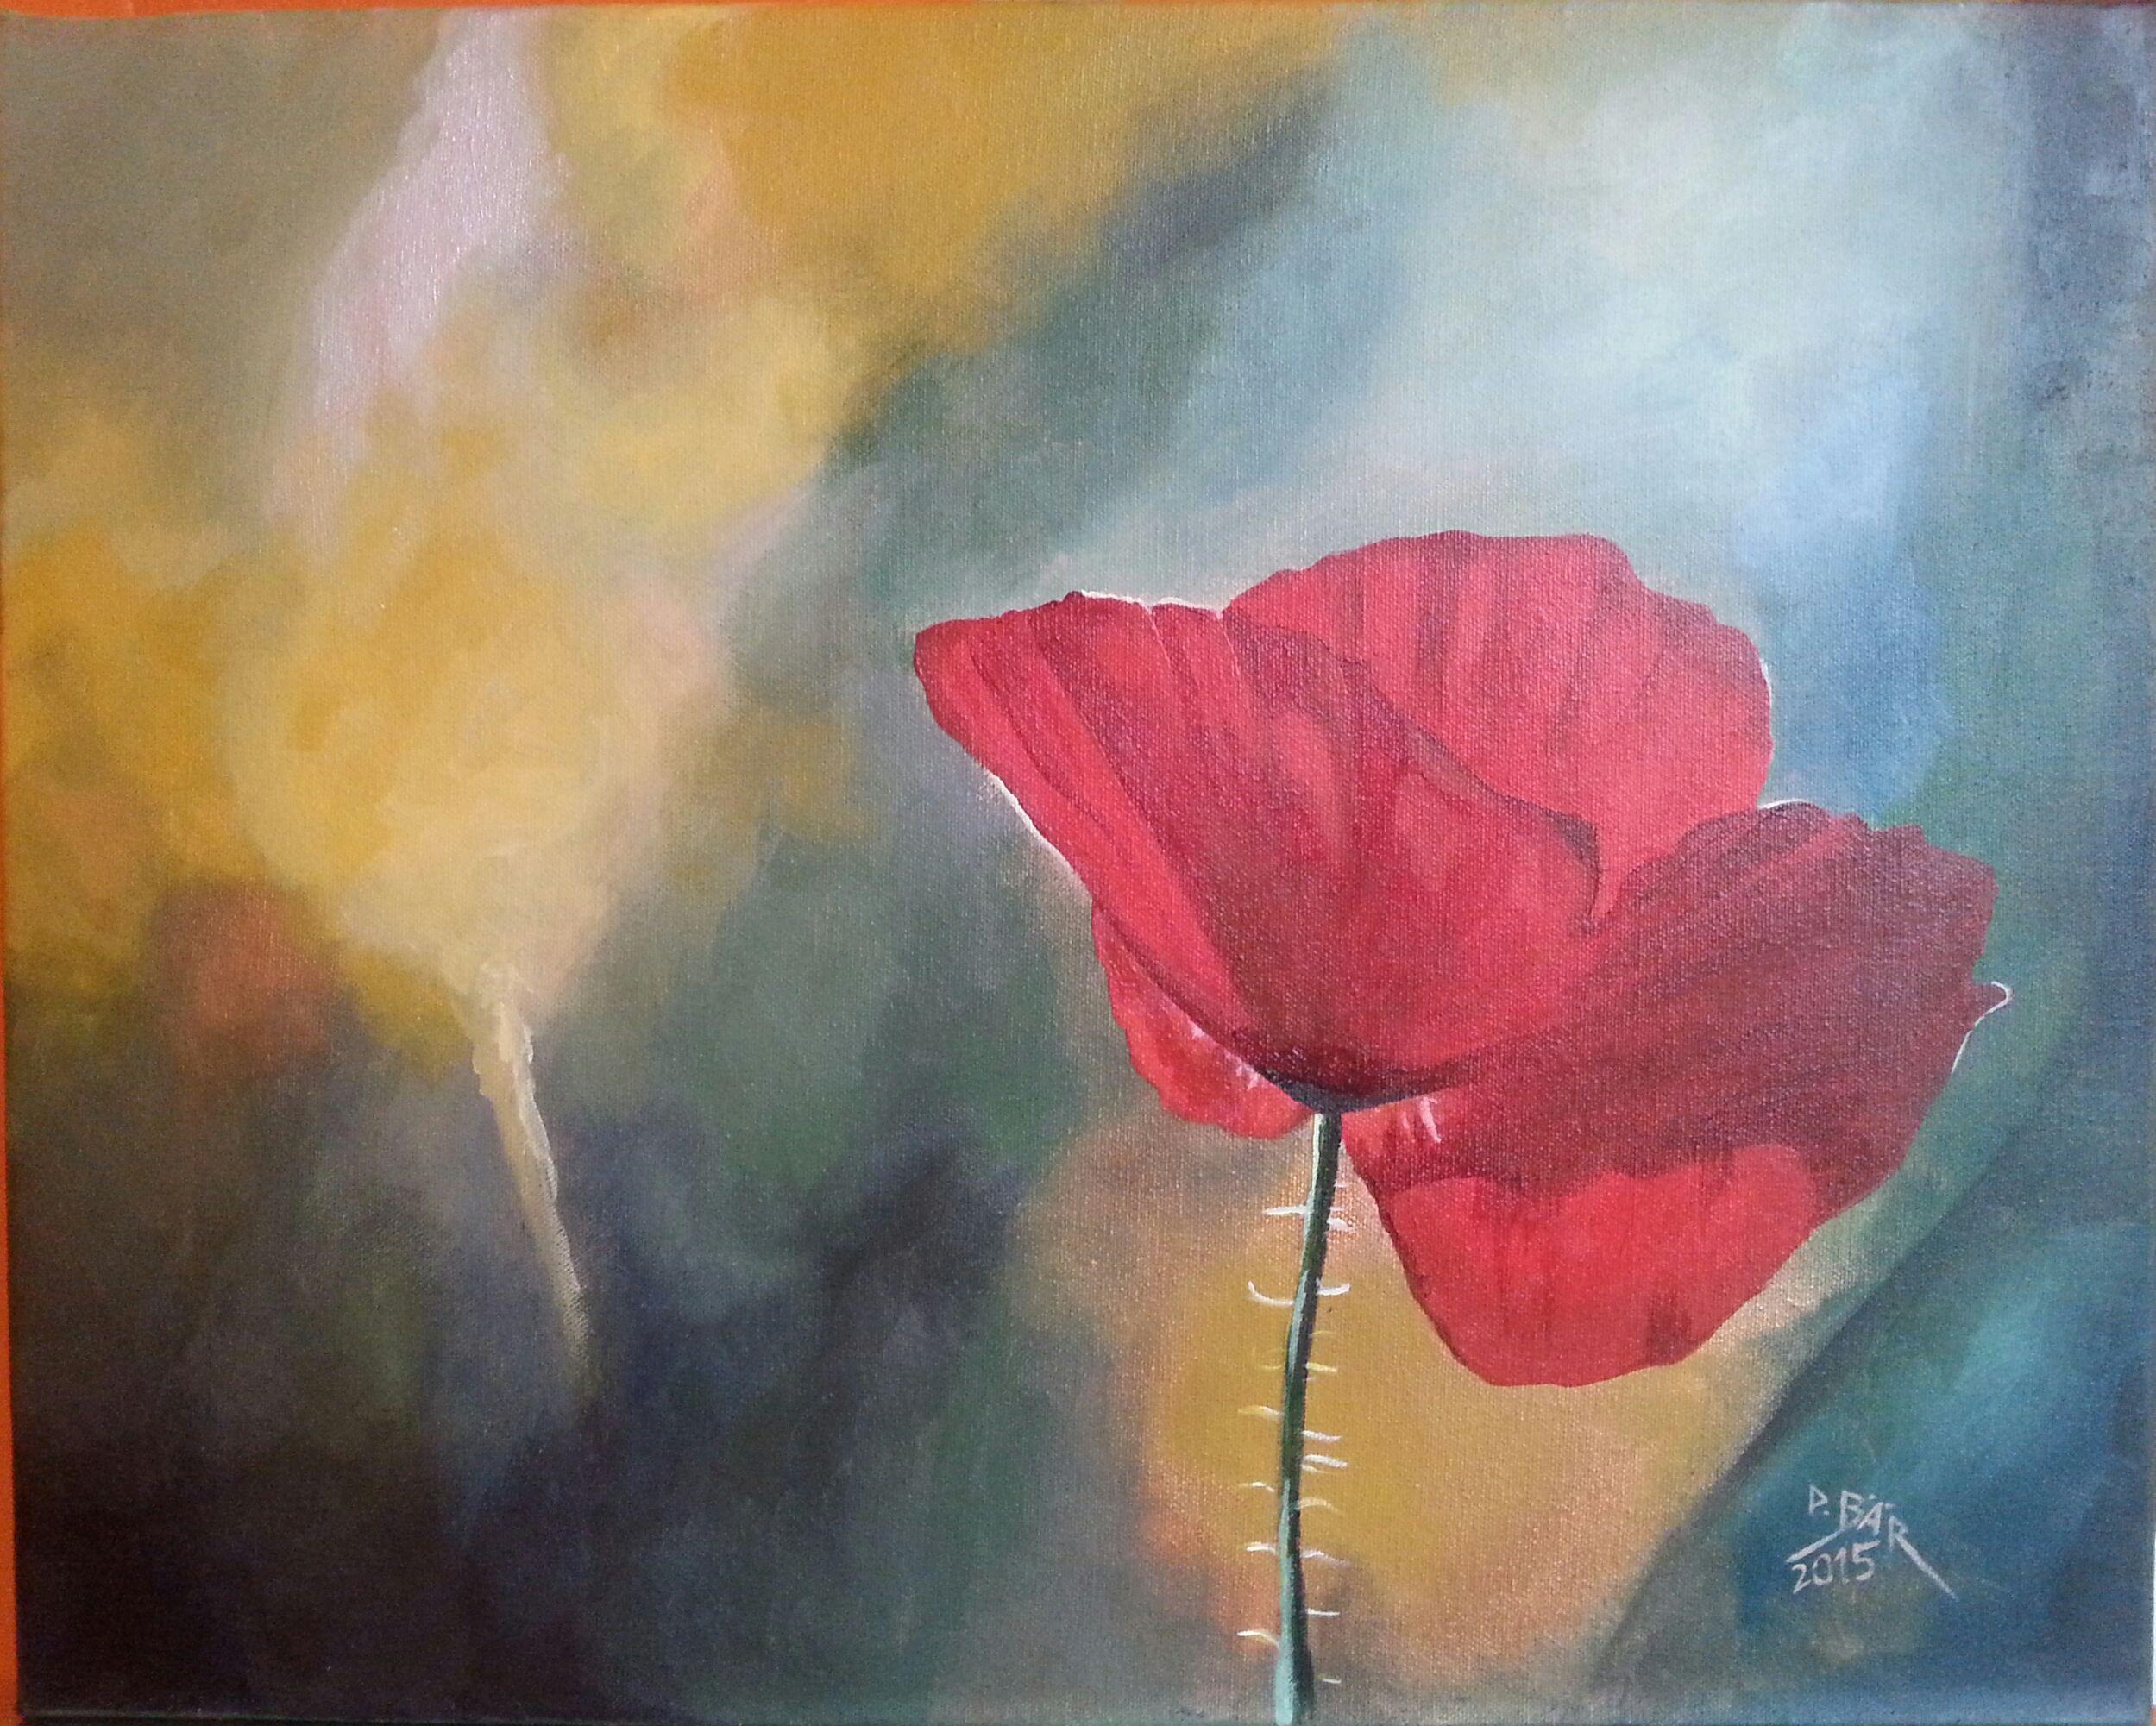 Petra Bar Angerbenden 36 40489 Dusseldorf Mobil 0173 72 58 007 Pibaer2611 Gmail Com Painting Art